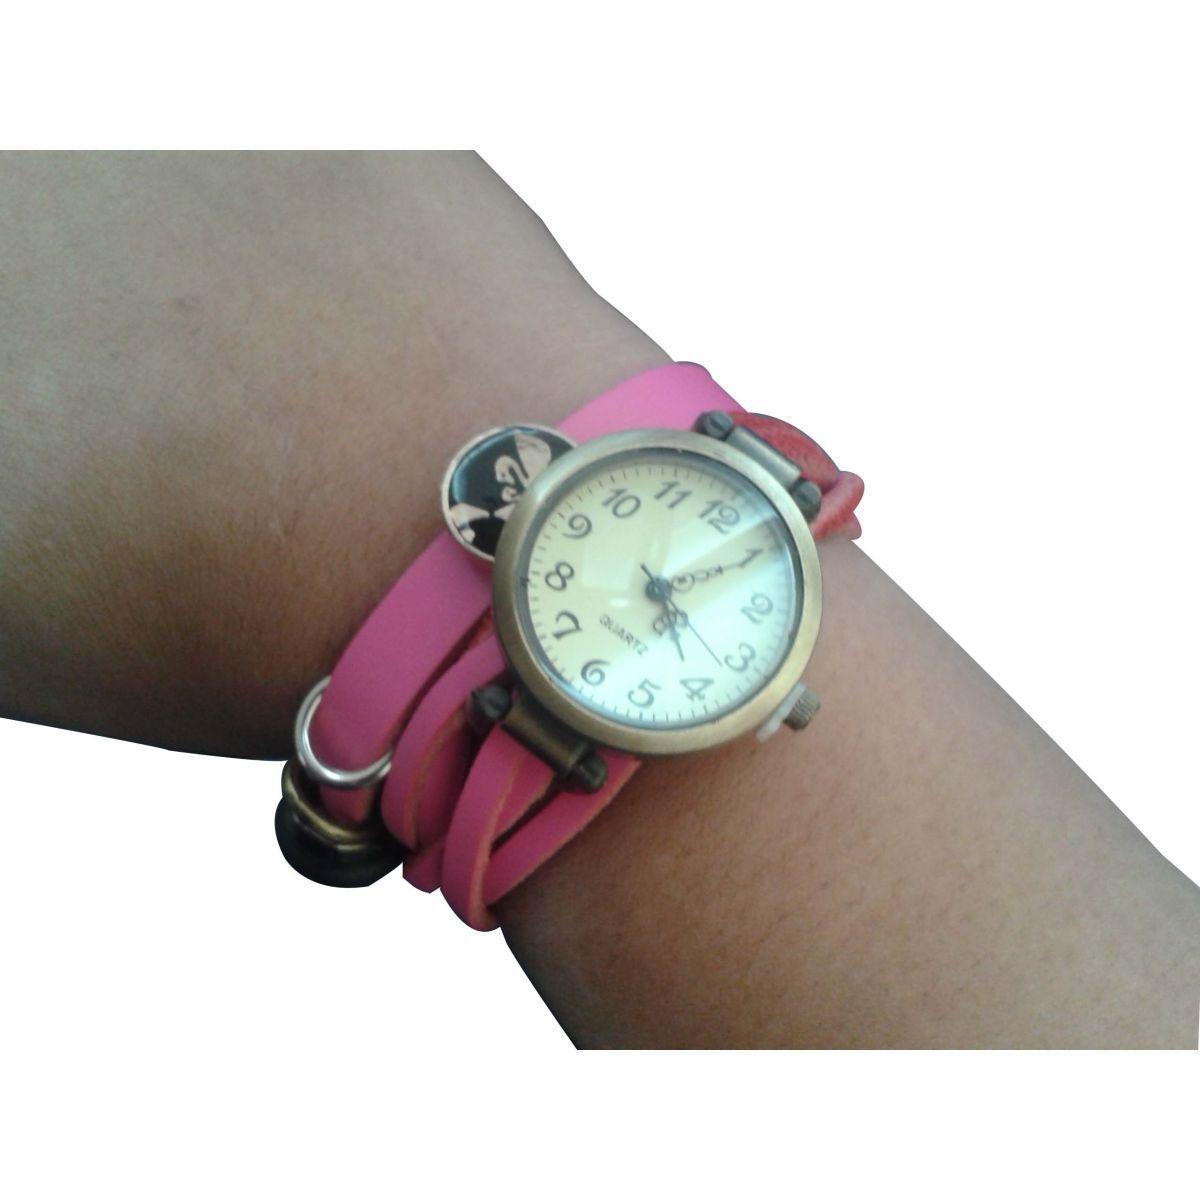 Relógio Feminino Pulseira Trançada - Frete Grátis  - Thata Esportes